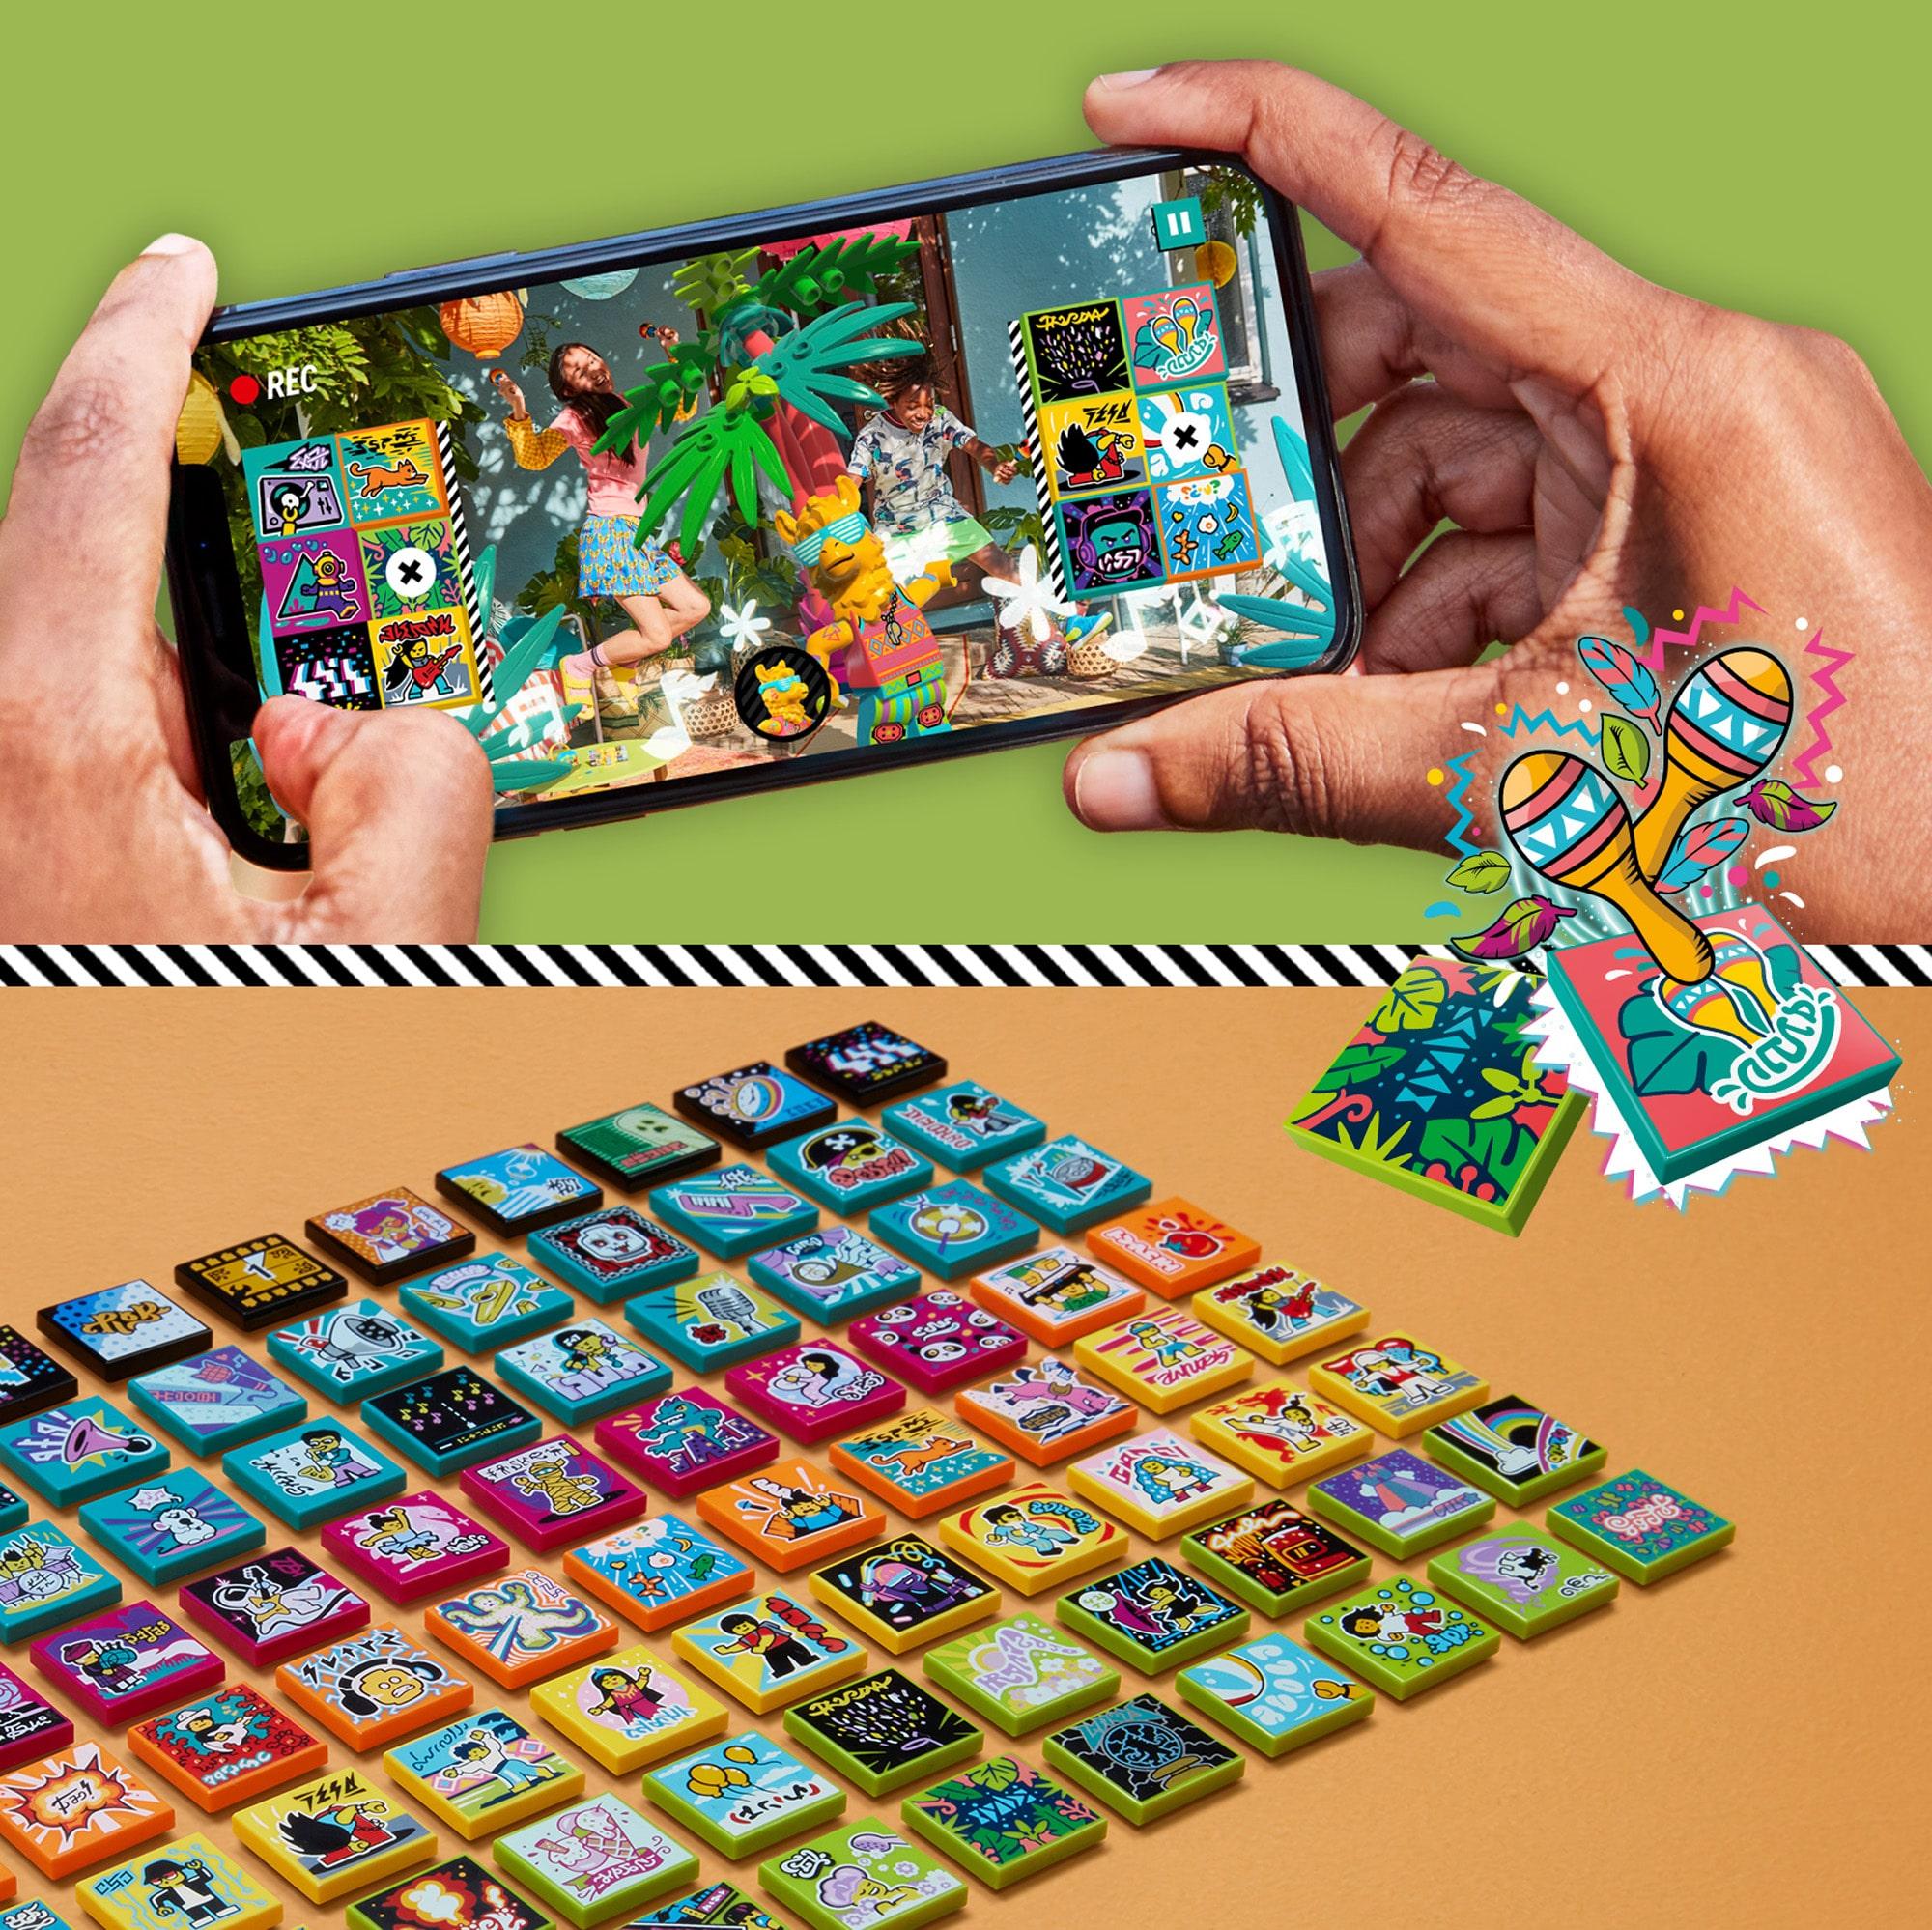 LEGO Vidiyo Pressebilder 18